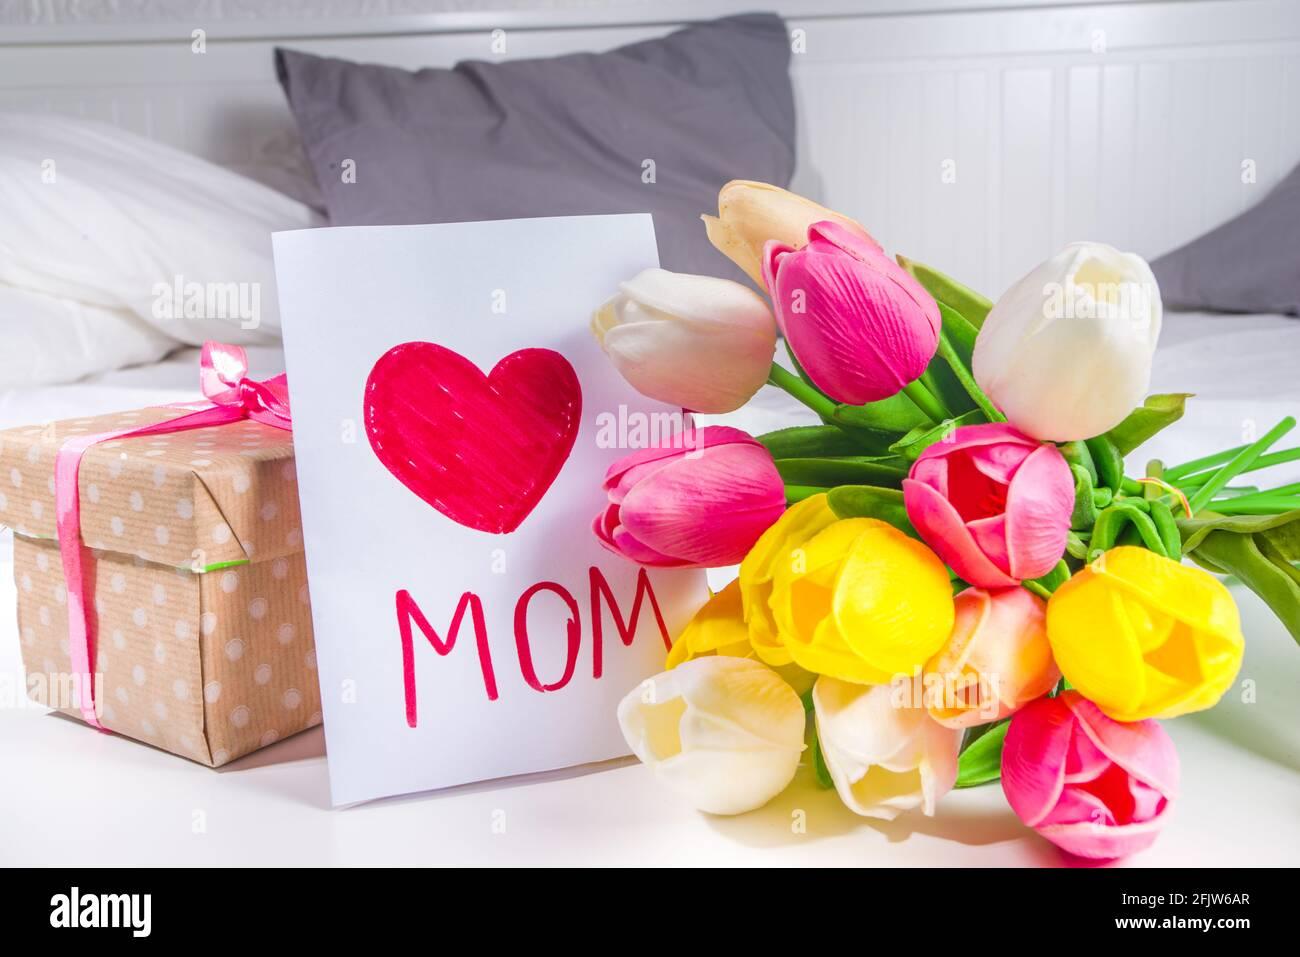 Giorno della mamma, giorno della figlia concetto di stile di vita di vacanza. Bambino preschooler bambina bionda ragazza con un bouquet di fiori di tulipano, biglietto d'auguri fatto a mano Foto Stock